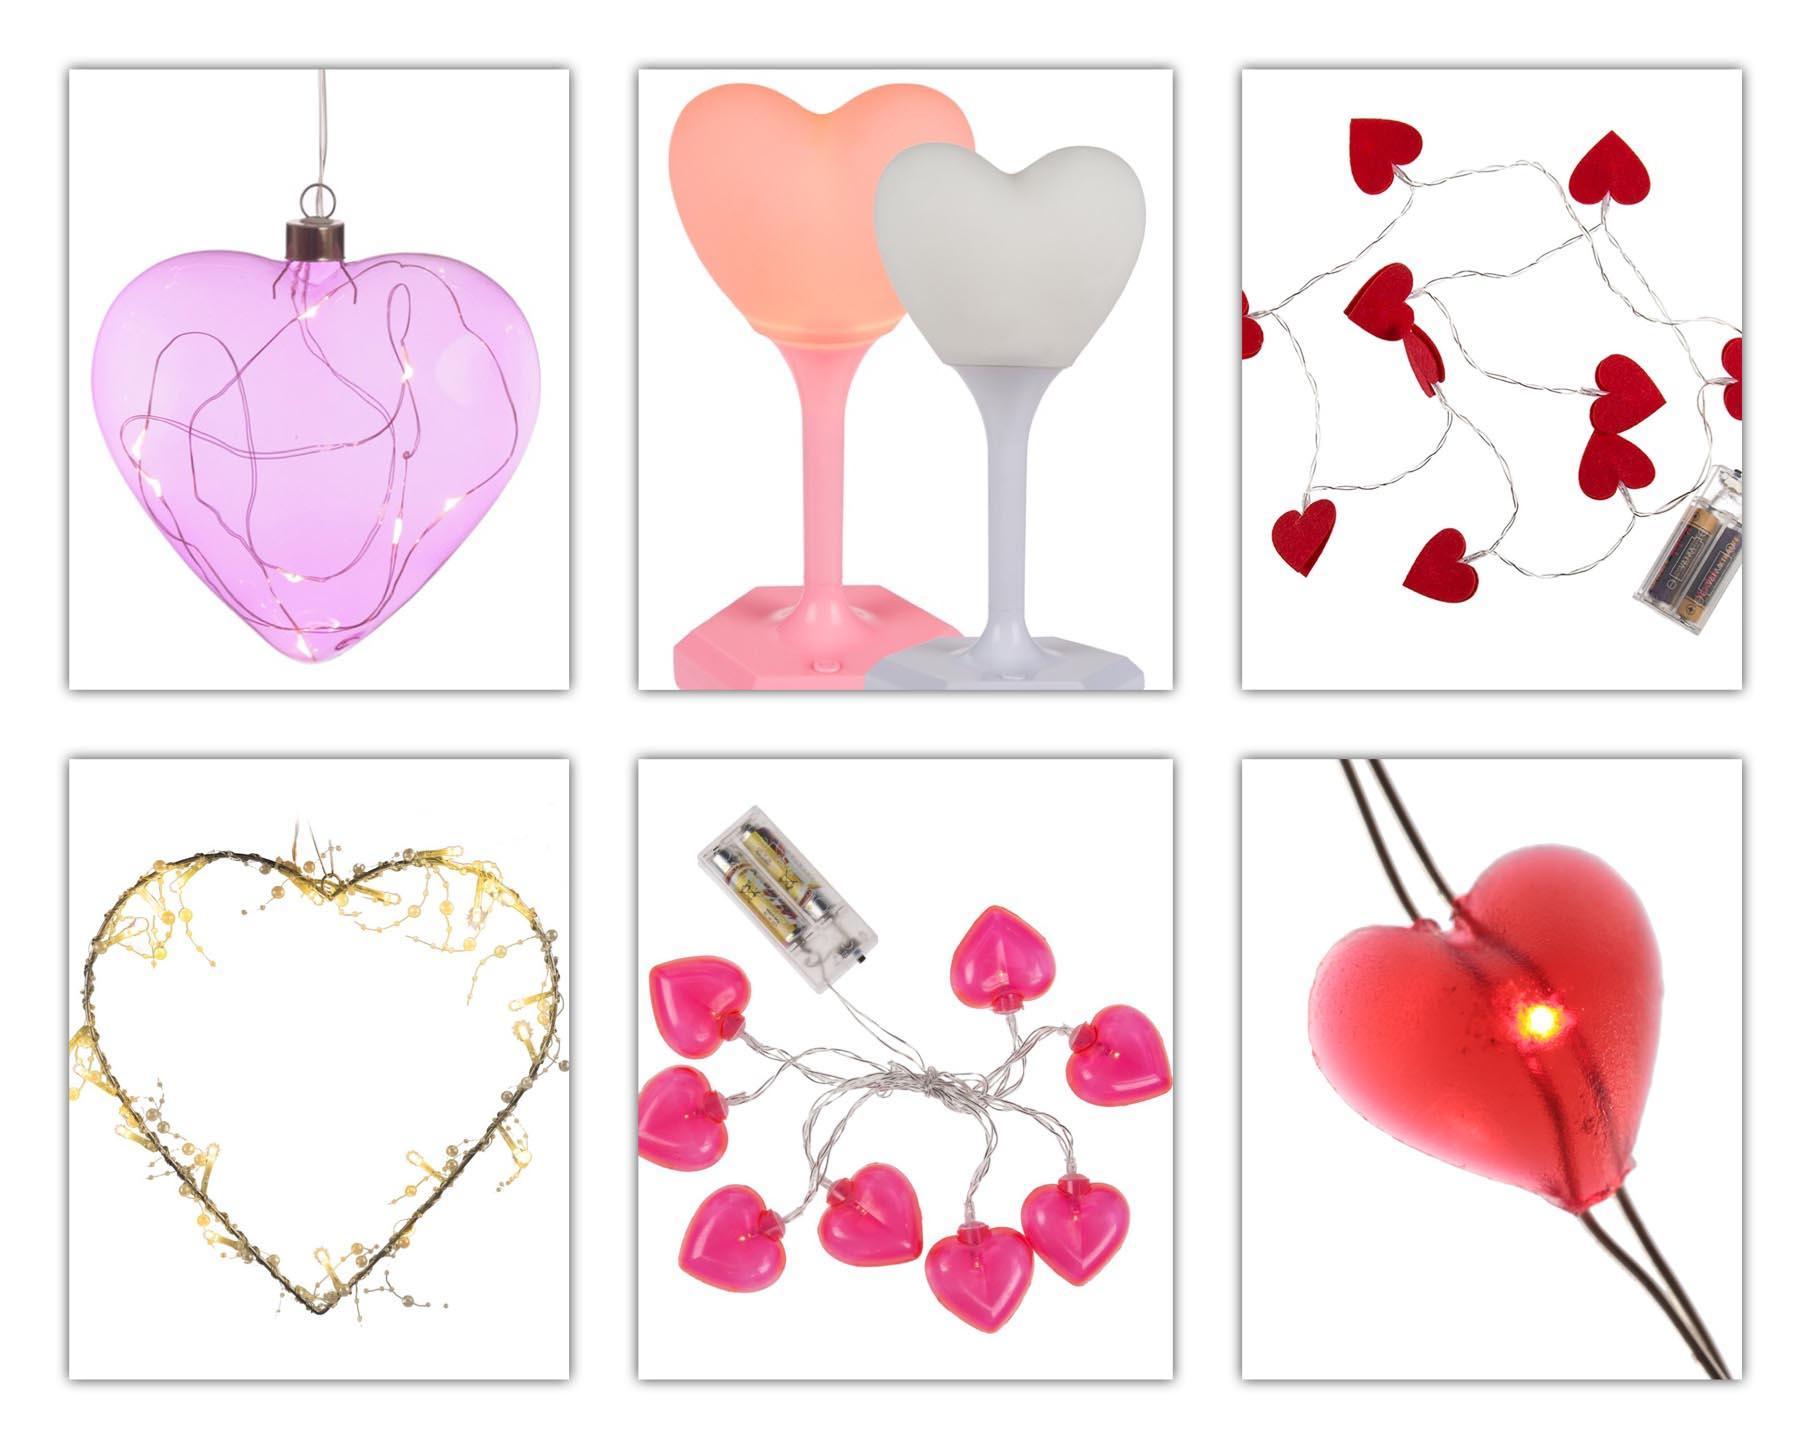 Kollage mit Dekobeleuchtung / Lichterketten für den Valentinstag